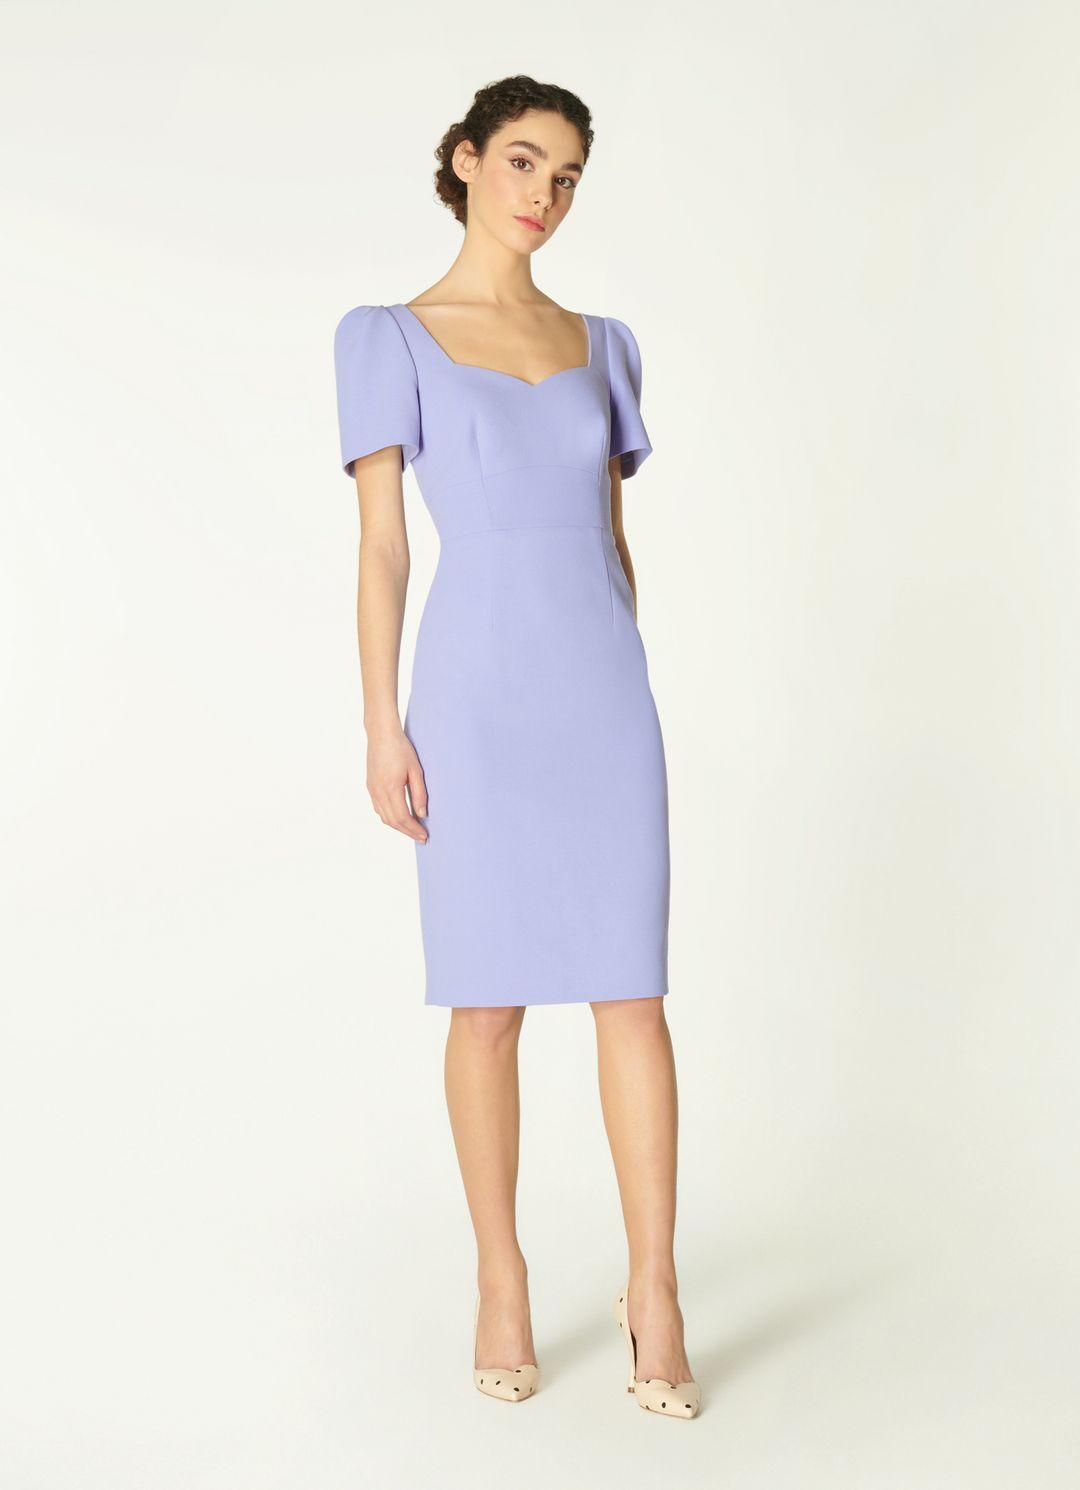 DEE PALE BLUE CREPE SHIFT DRESS by LK Bennet, available on lkbennett.com for EUR225 Kate Middleton Dress Exact Product